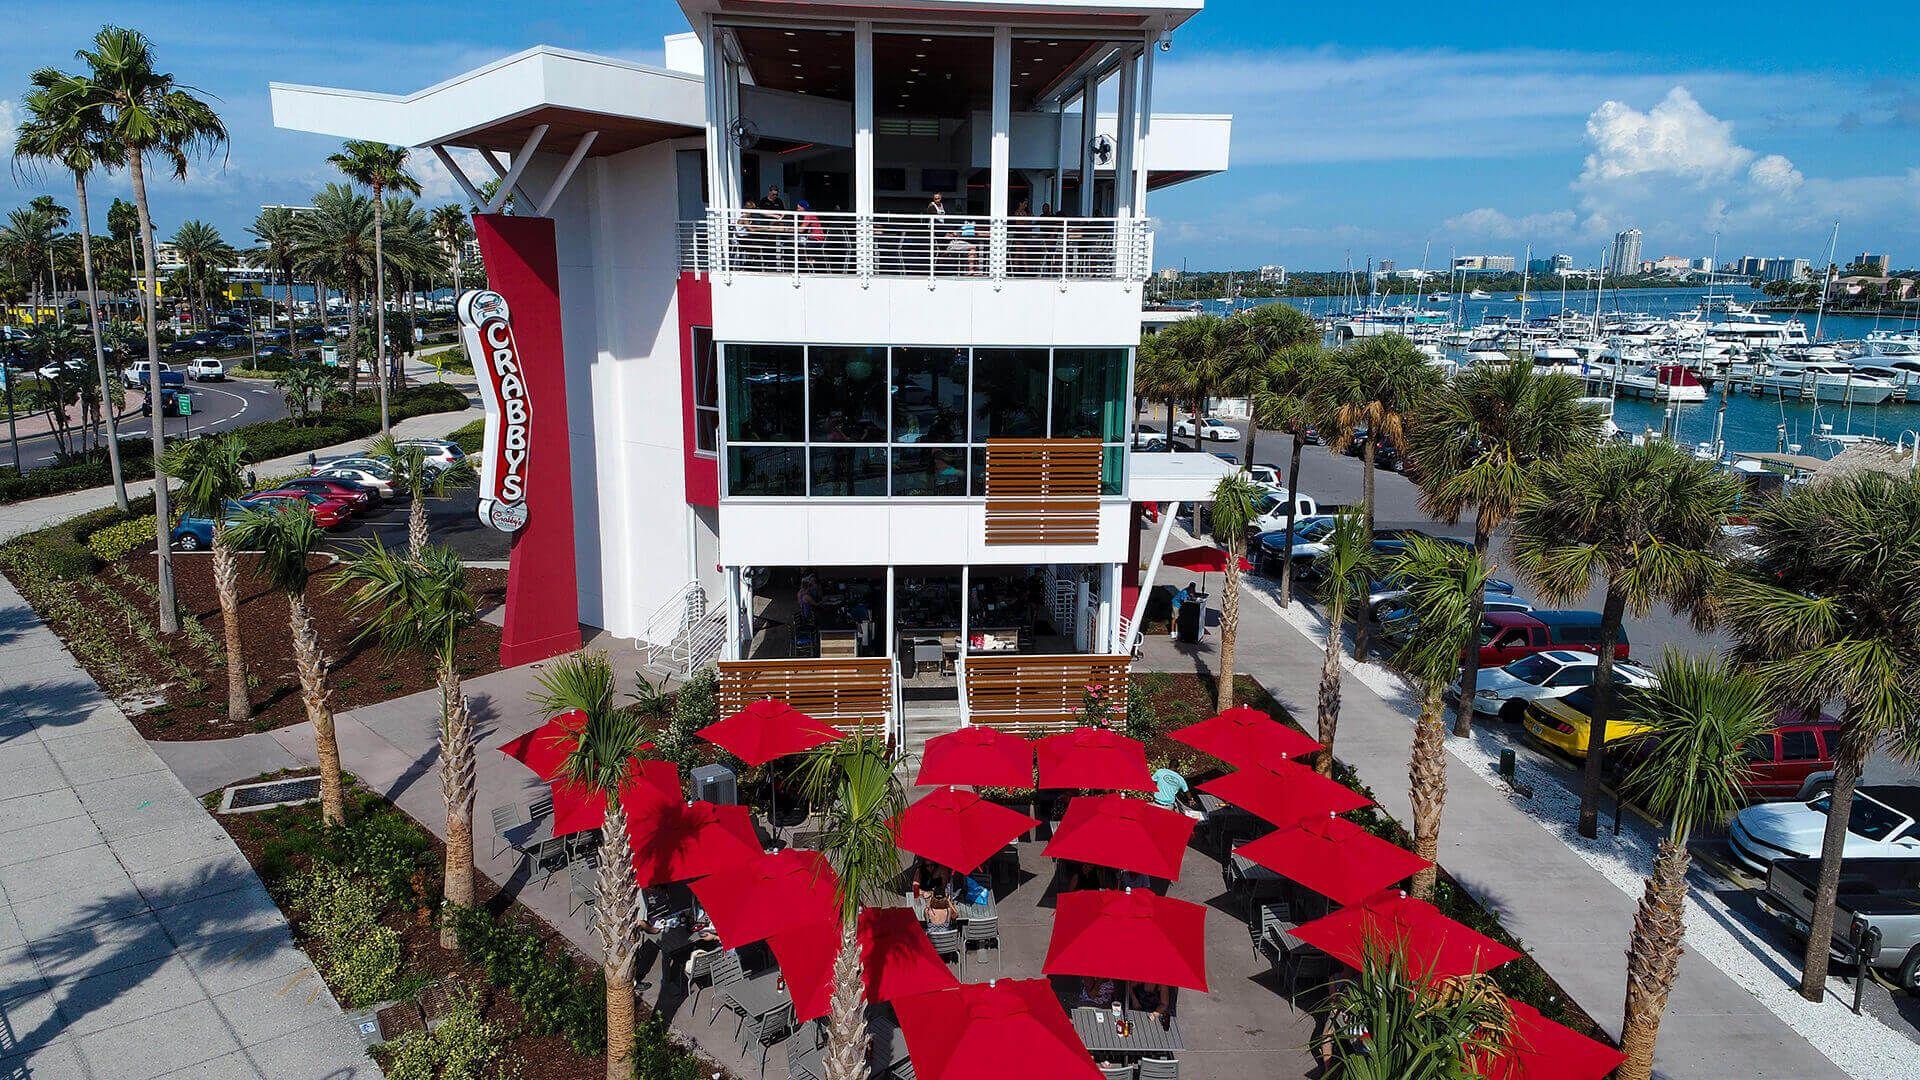 2019 March Spring Break Clearwater Fl Crabby S Dockside Clearwater Beach Florida Clearwater Beach Clearwater Beach Fl